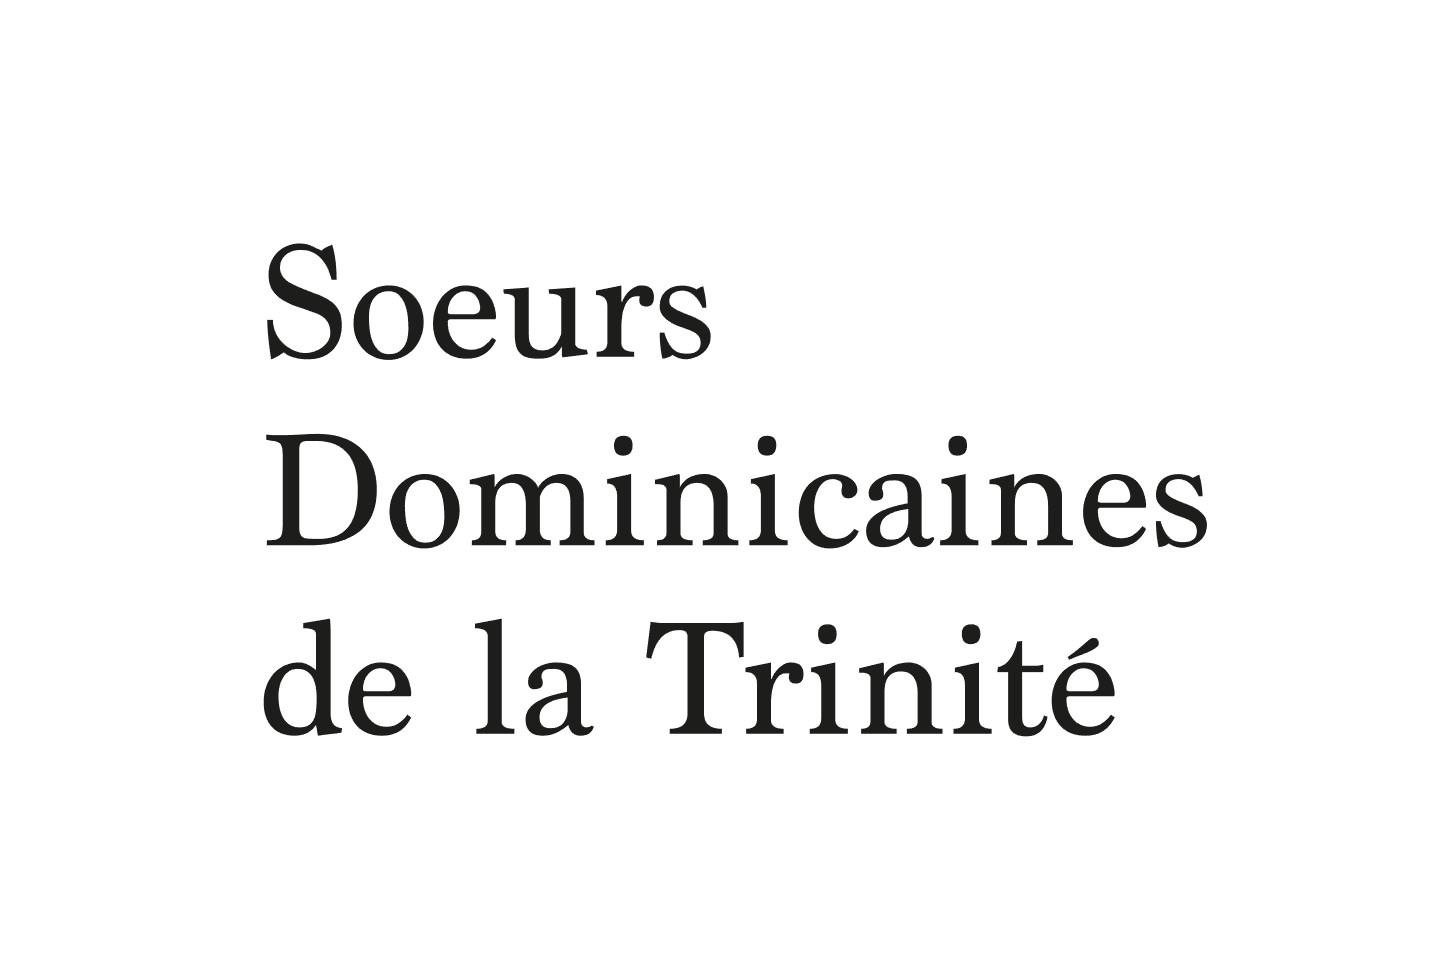 Soeurs Dominicaines de la Trinité